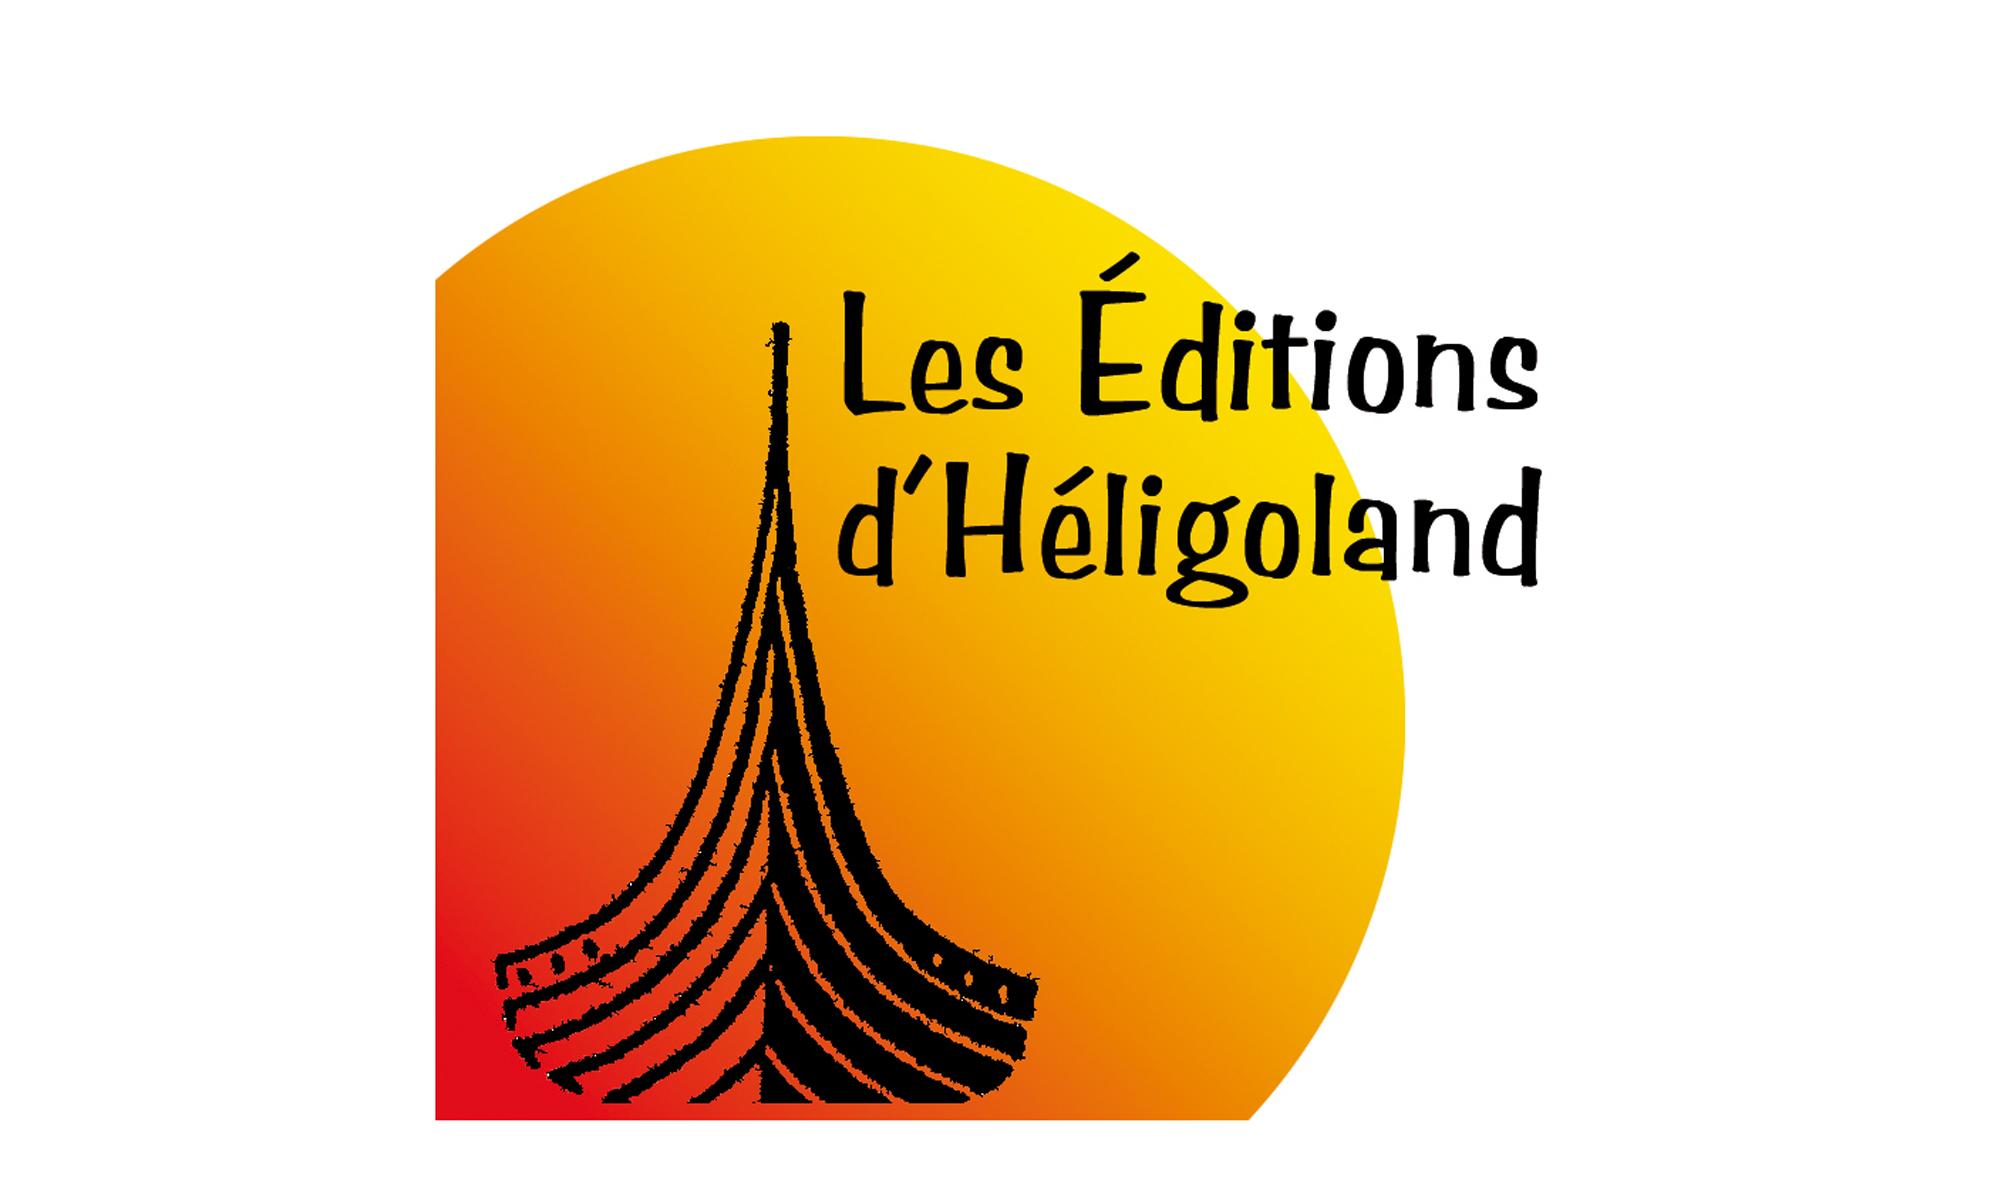 Les Éditions d'Héligoland : la maîtrise du papier